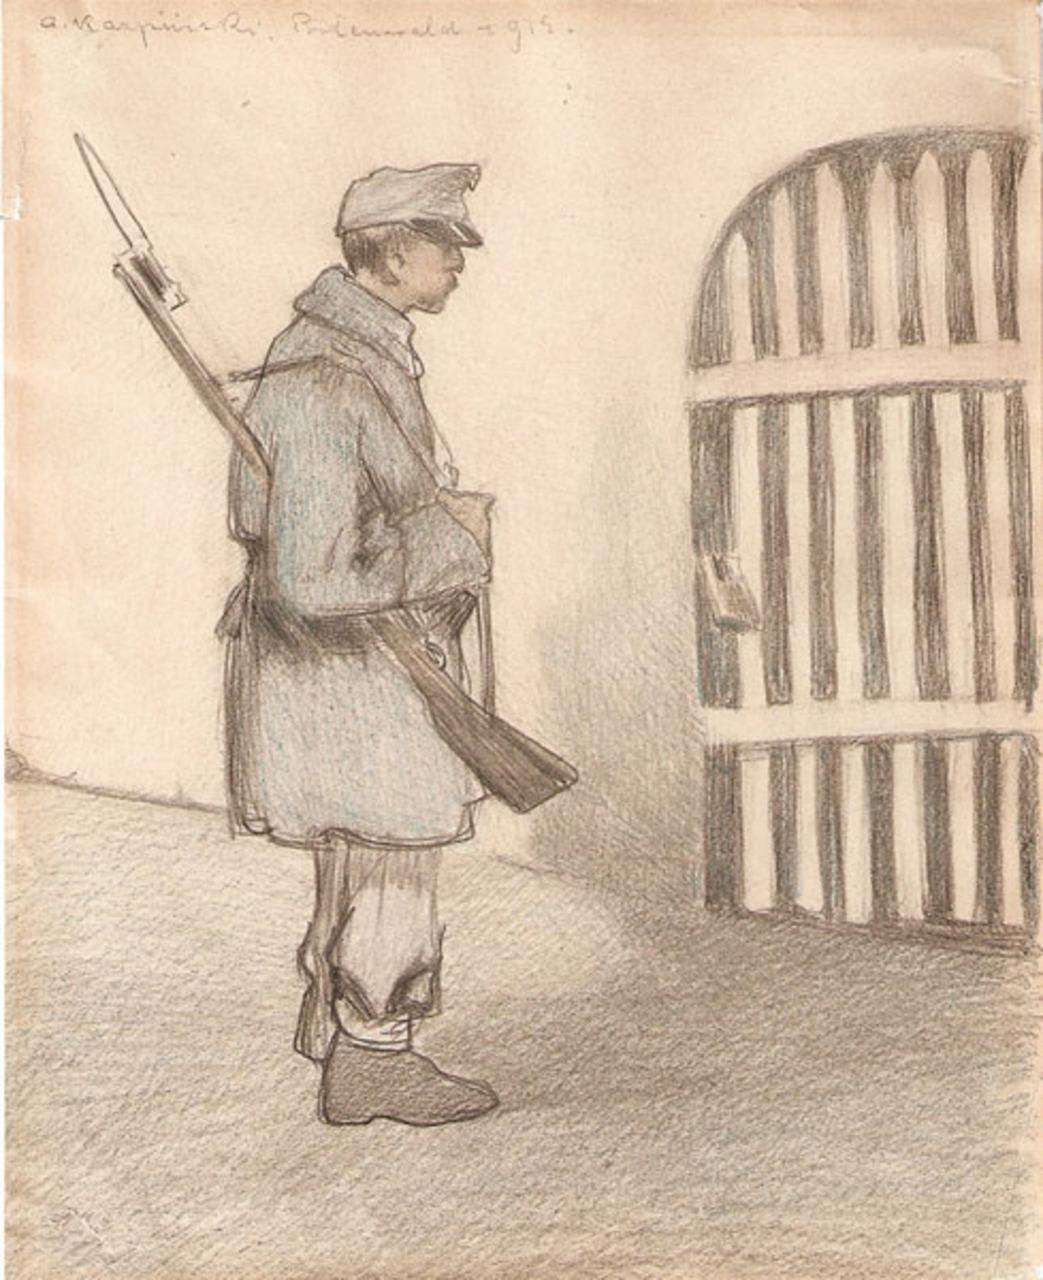 """Alfons Karpiński (1875 - 1961) """"Żołnierz austriacki"""", 1915 rok, źródło: Desa Katowice"""